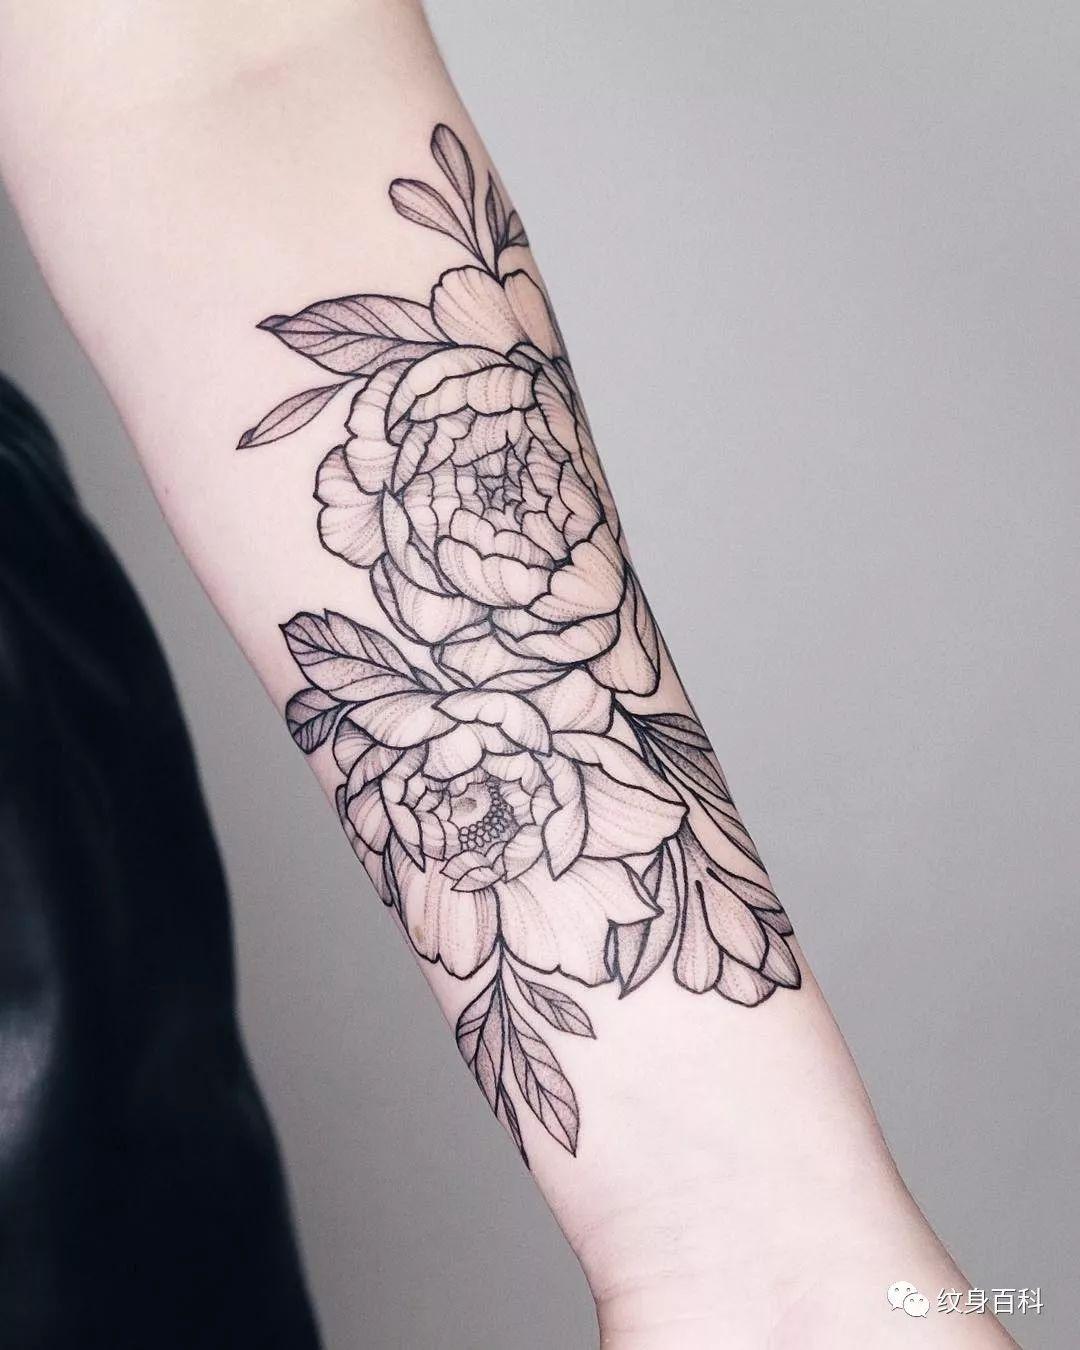 轻松搞定,素花纹身的新花样,花臂纹身图案_通隆游戏网